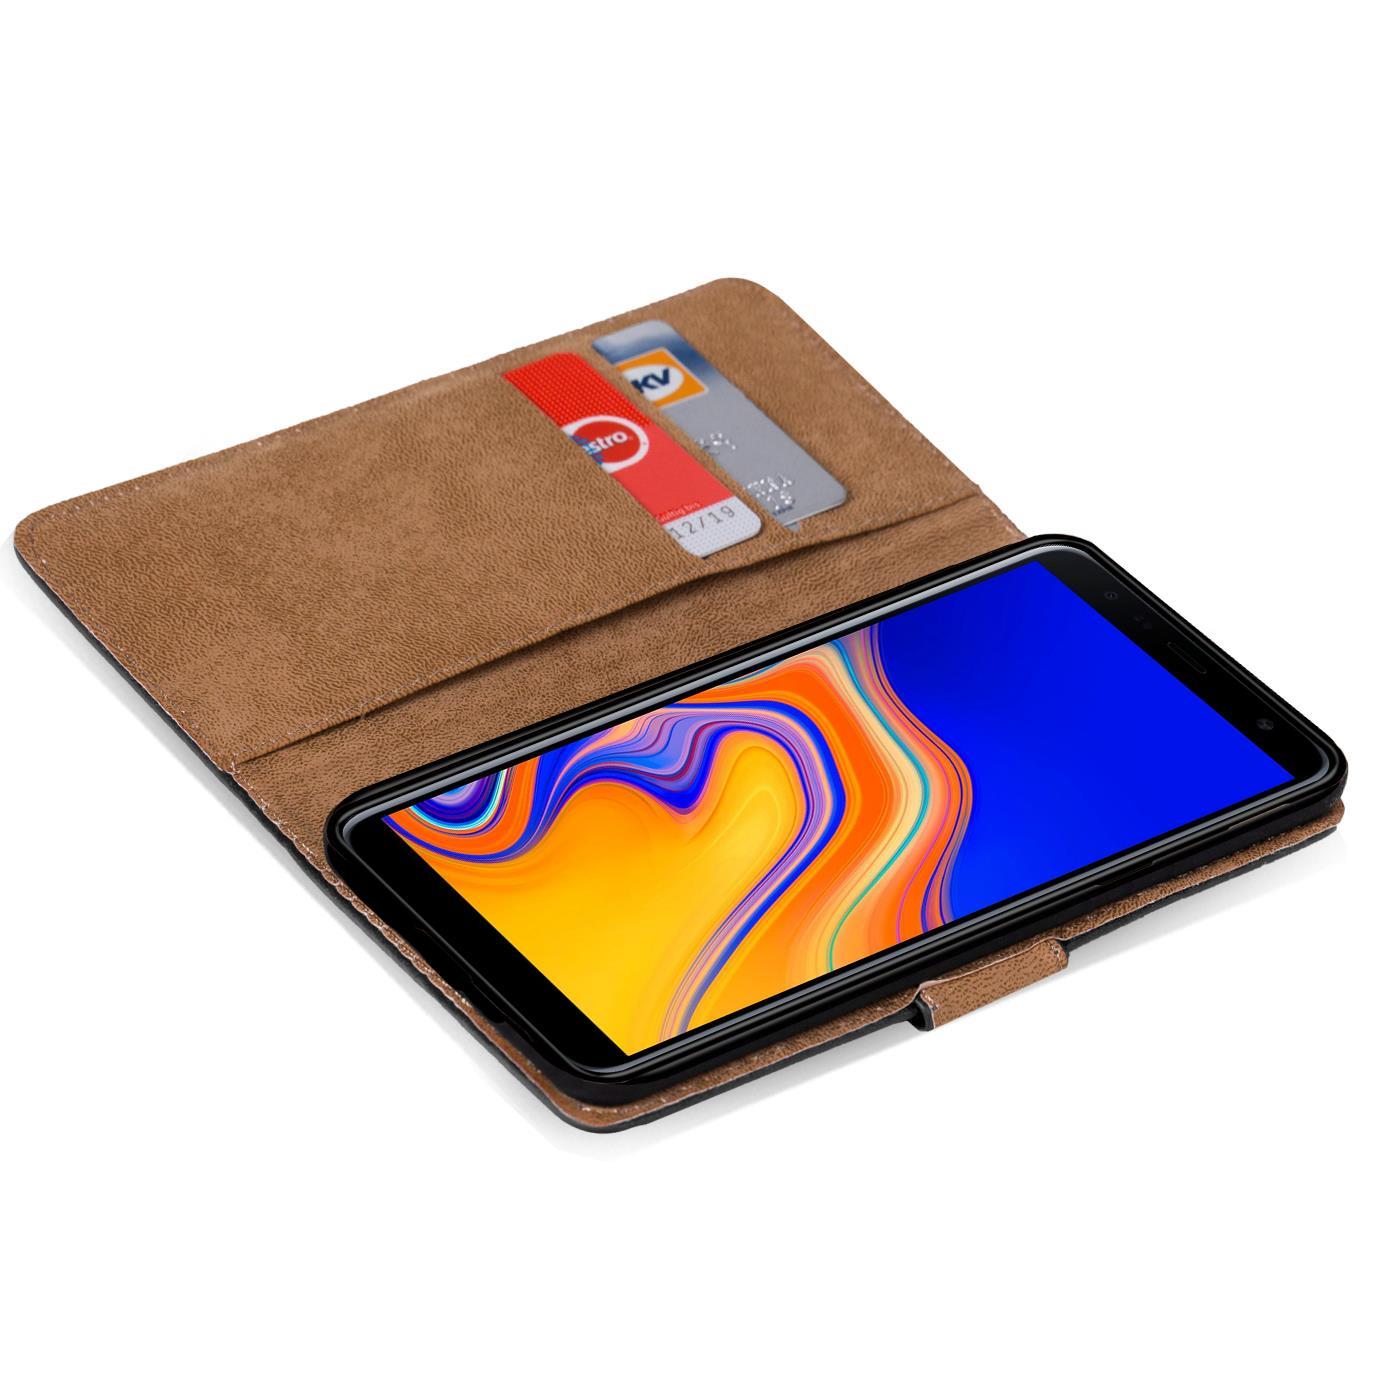 Samsung-Galaxy-J4-Plus-Handy-Klapp-Tasche-Schutz-Huelle-Book-Flip-Cover-Case-Etui Indexbild 19